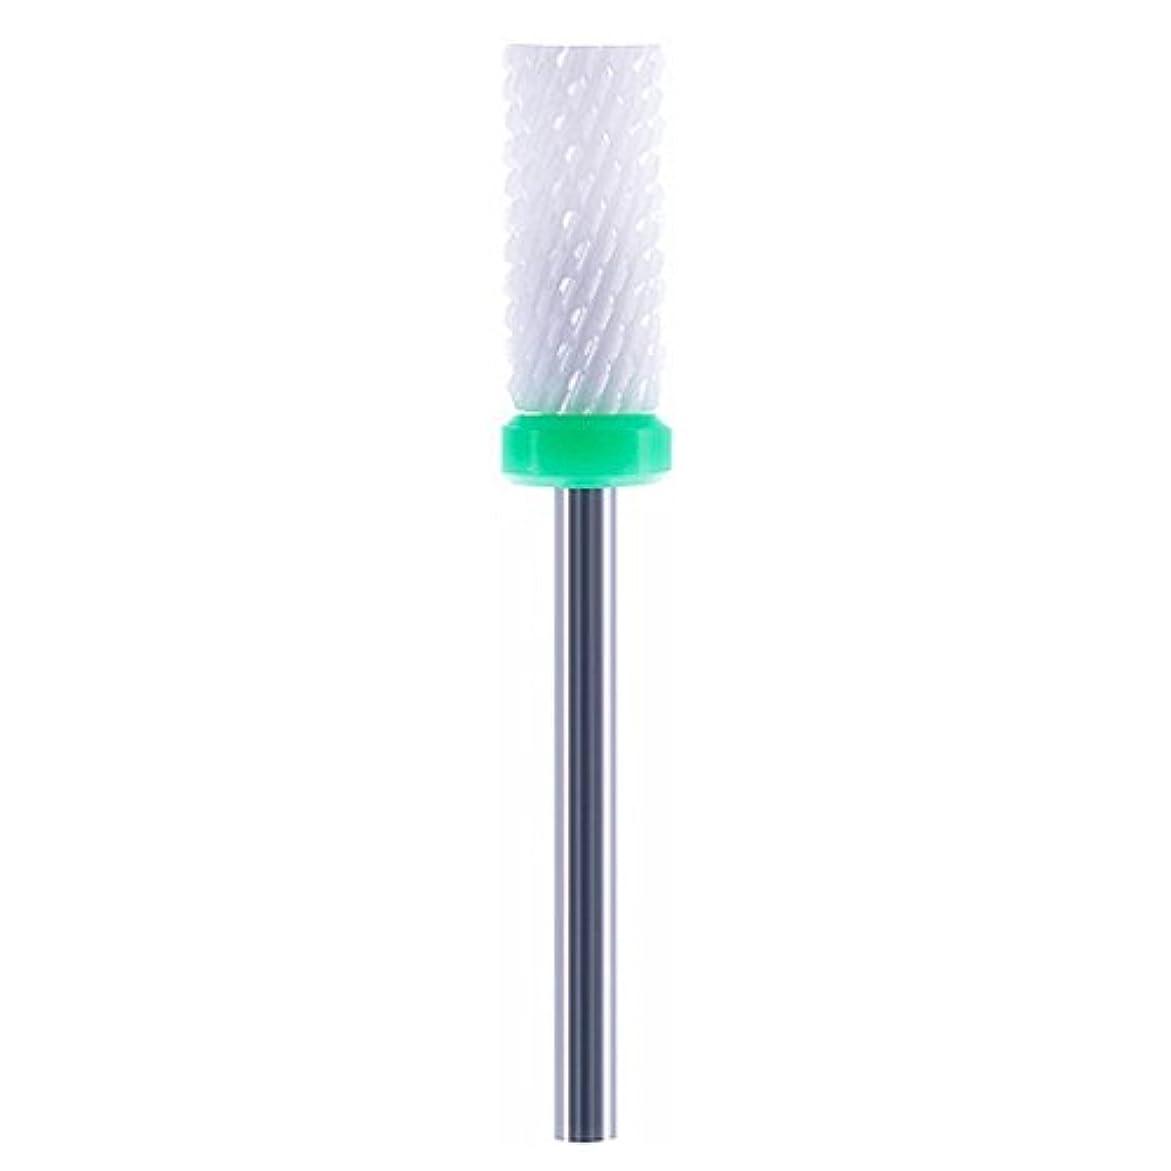 報いる軽減固体ネイルドリルビット ネイルアートドリル マニキュア ドリルファイル 研削ネイル 研磨 陶磁器 グリーン